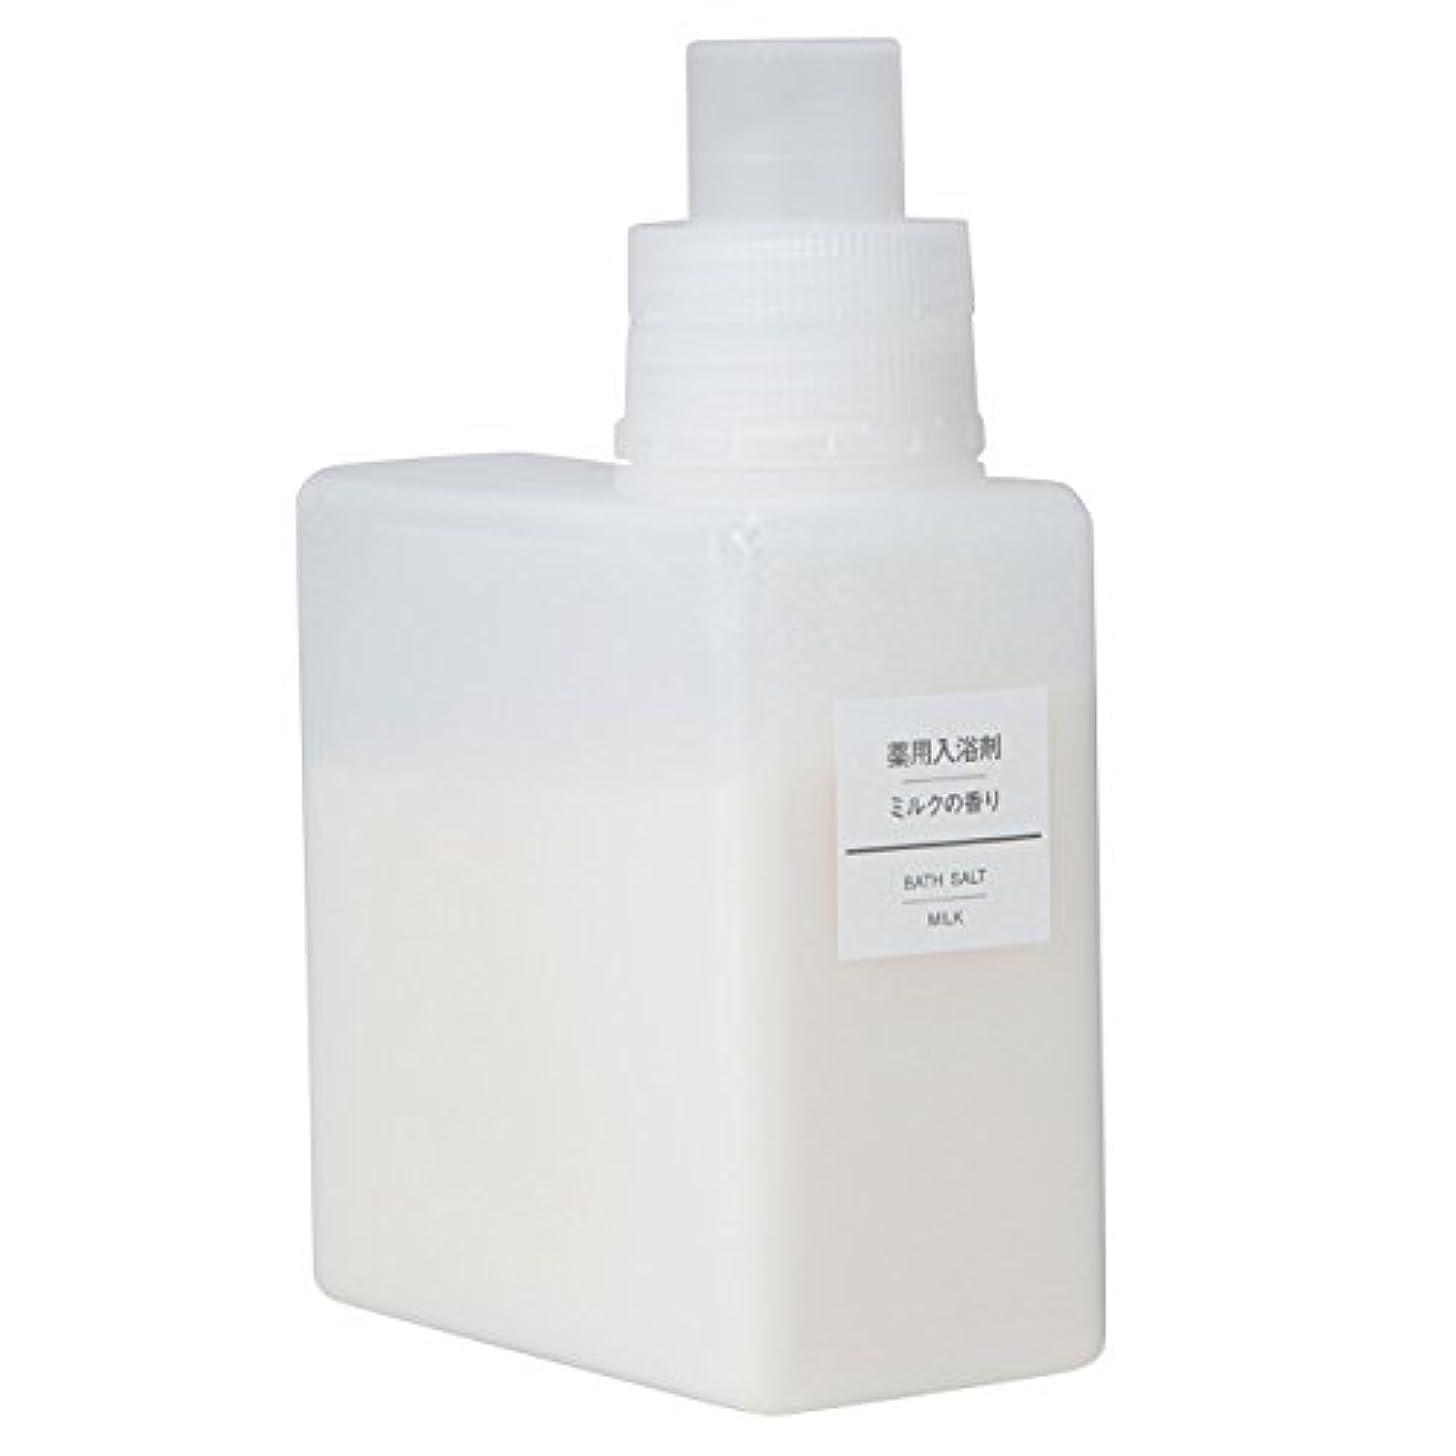 保護する枯れる雇用者無印良品 薬用入浴剤?ミルクの香り (新)500g 日本製